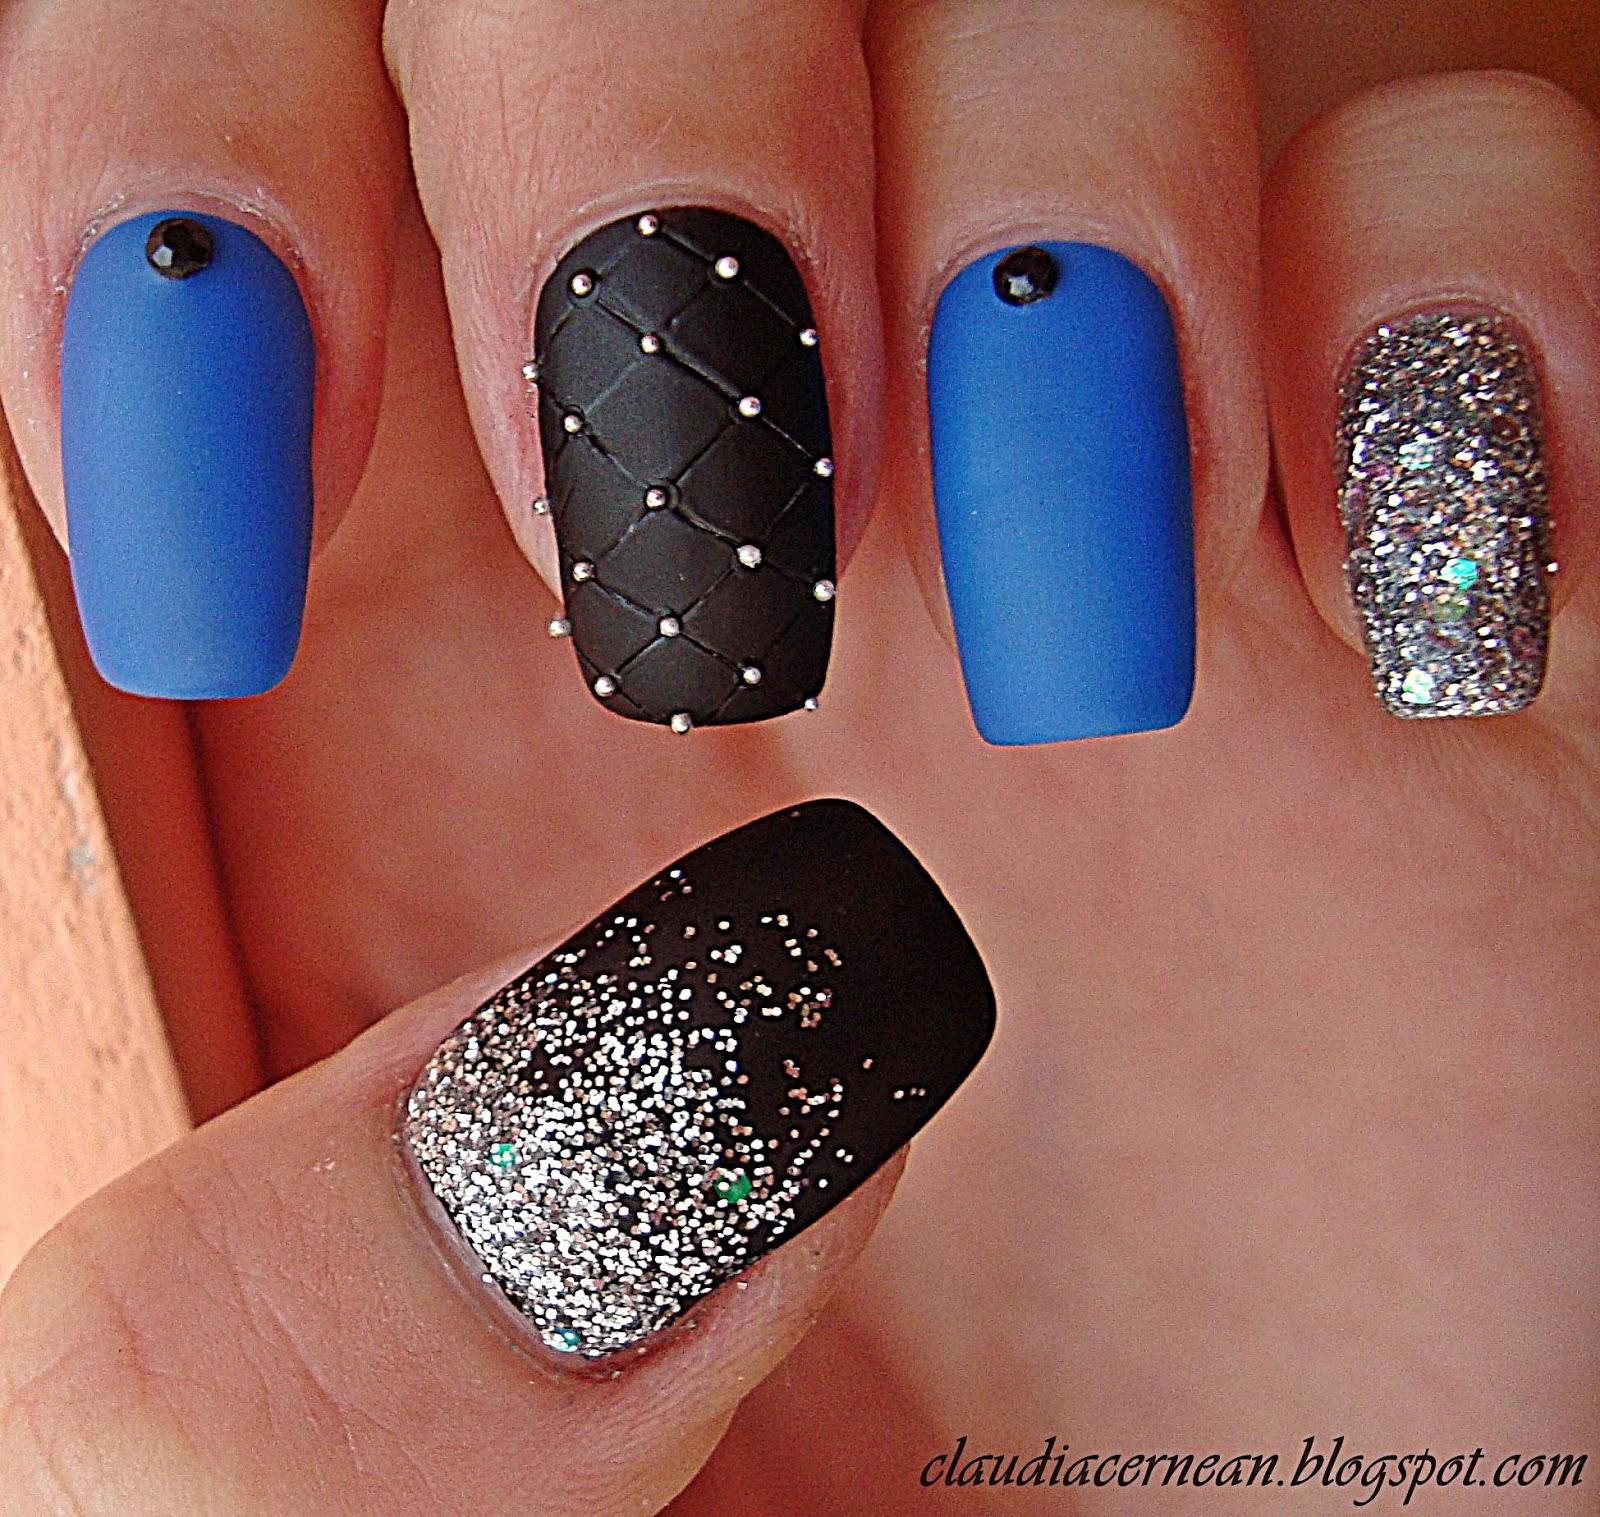 Nails Art Tutorials Unghii Mate Cu Sclipici Matte Nails With Glitter